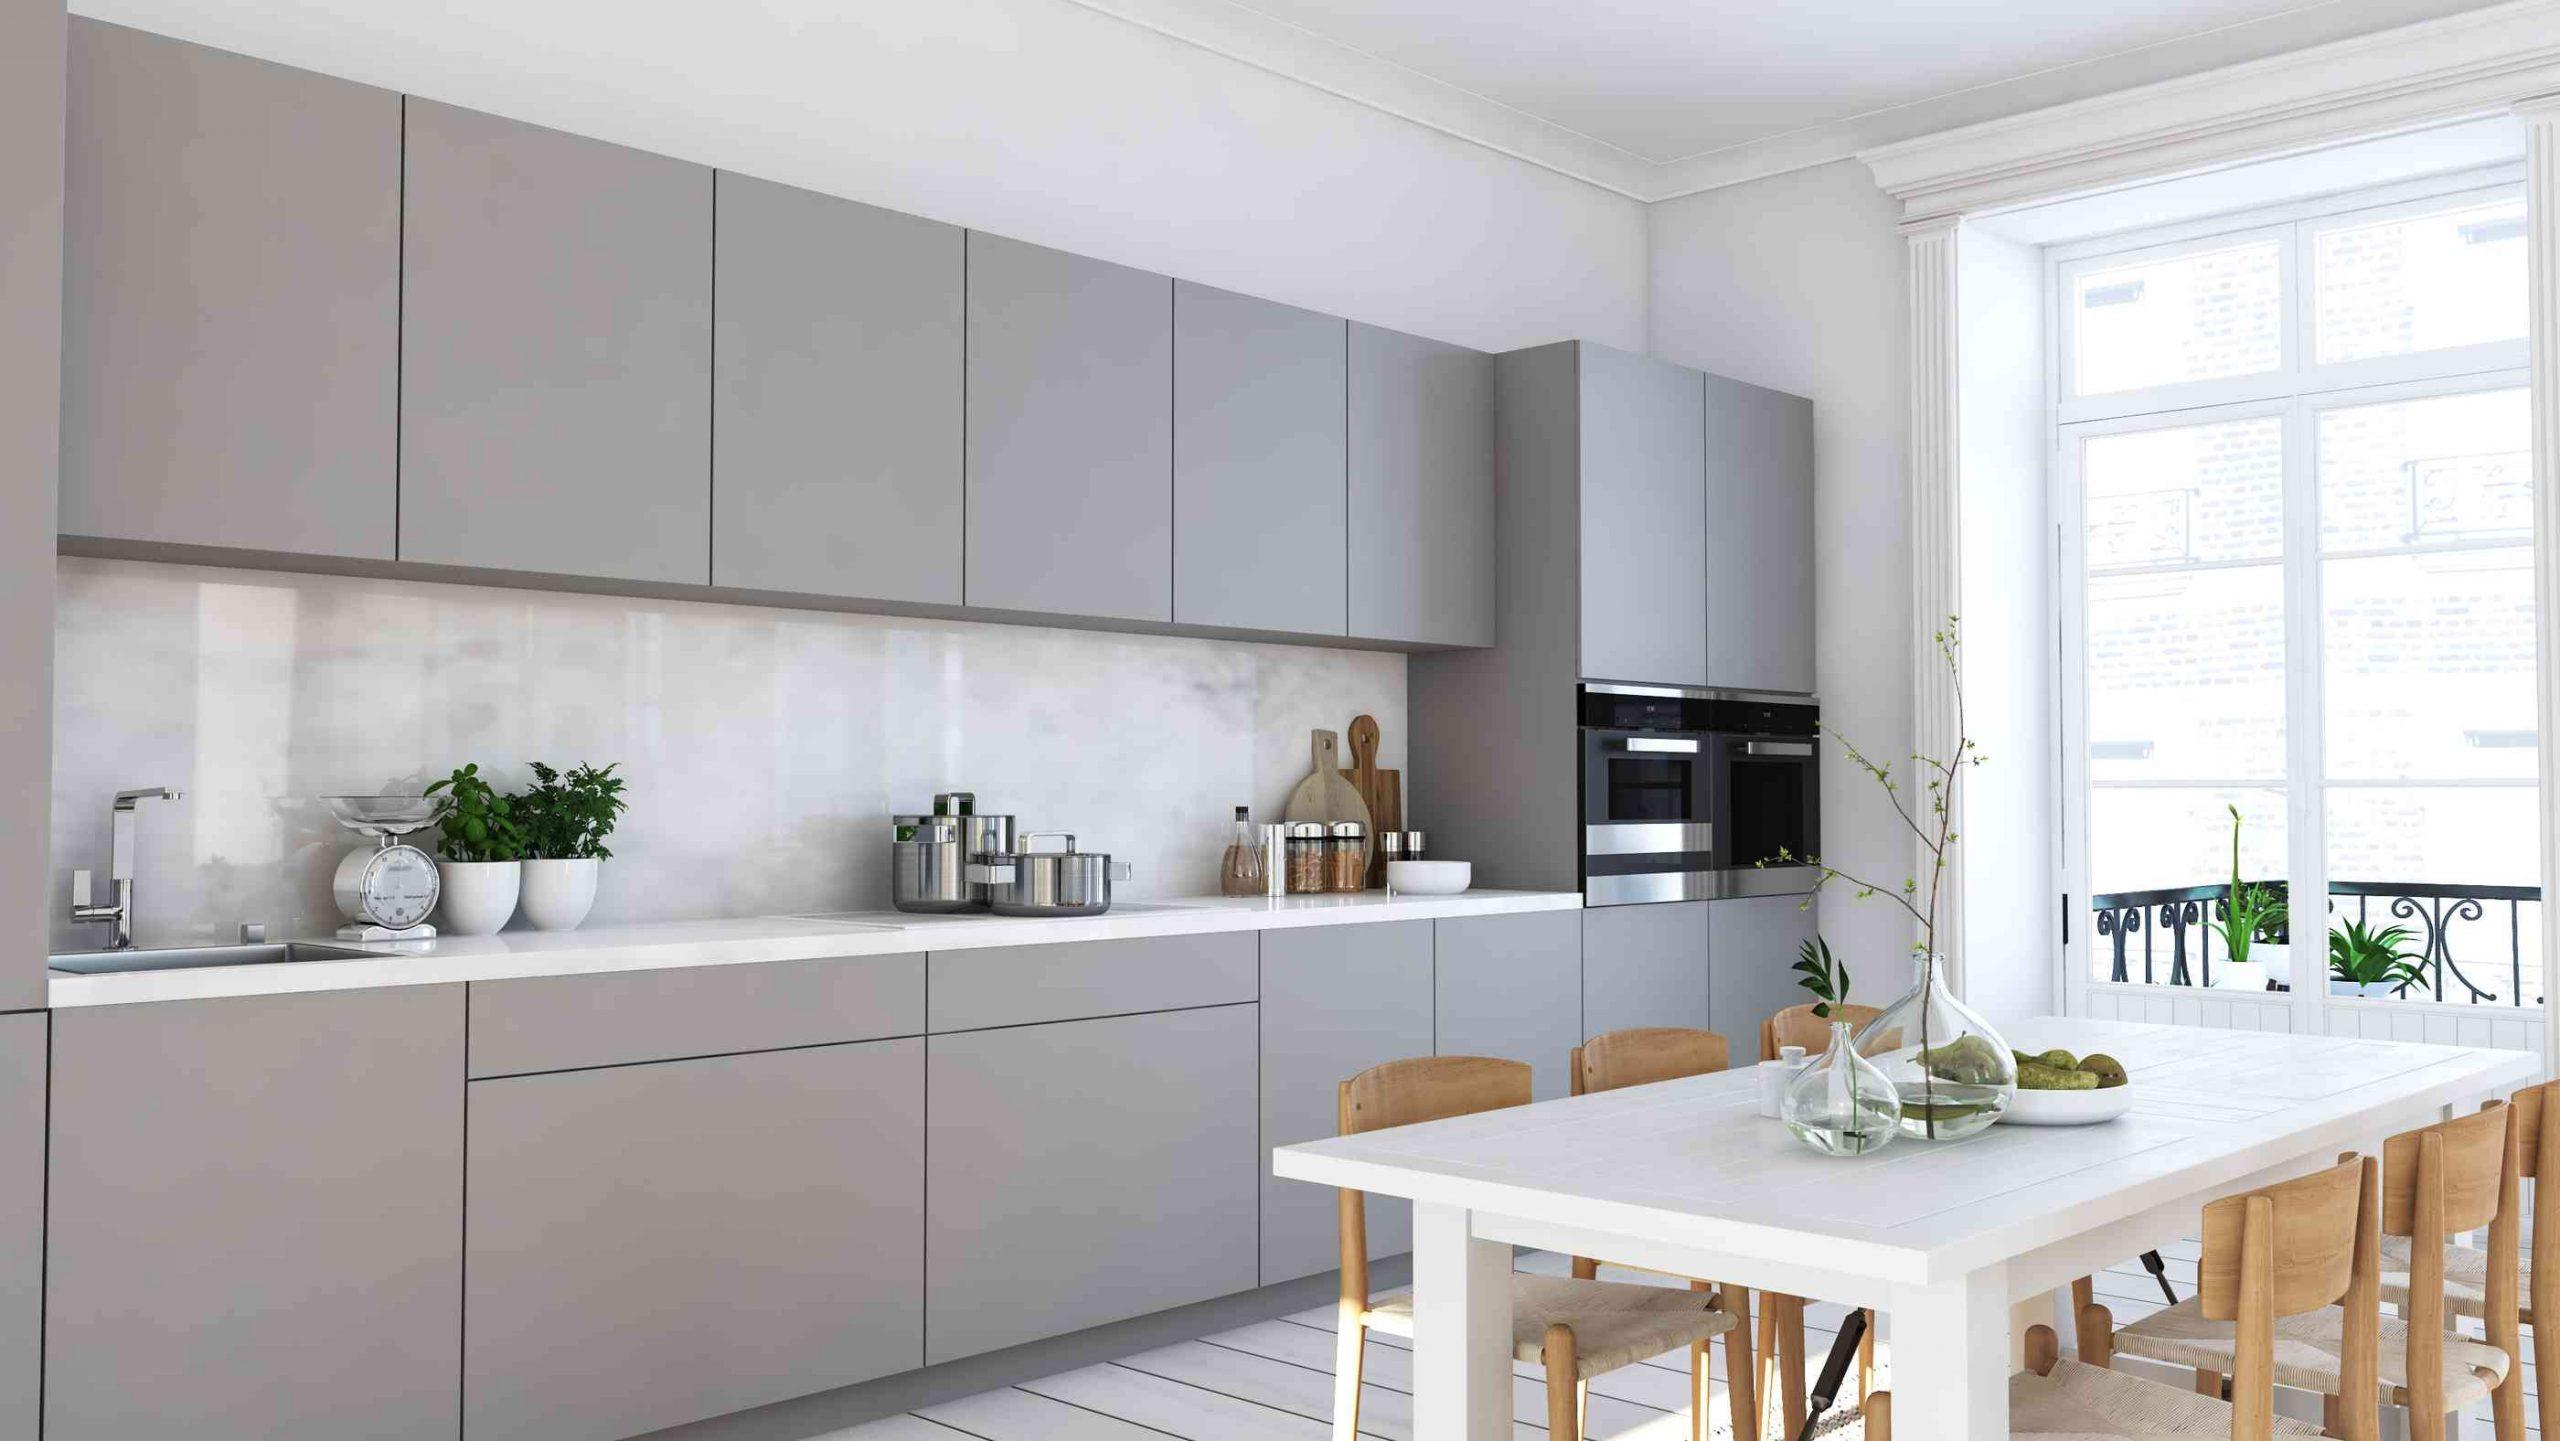 Full Size of Küchenboden Erneuern Küche Boden Wasserdicht Küchenboden Abdeckung Küche Boden Wechseln Küche Bodenbelag Küche